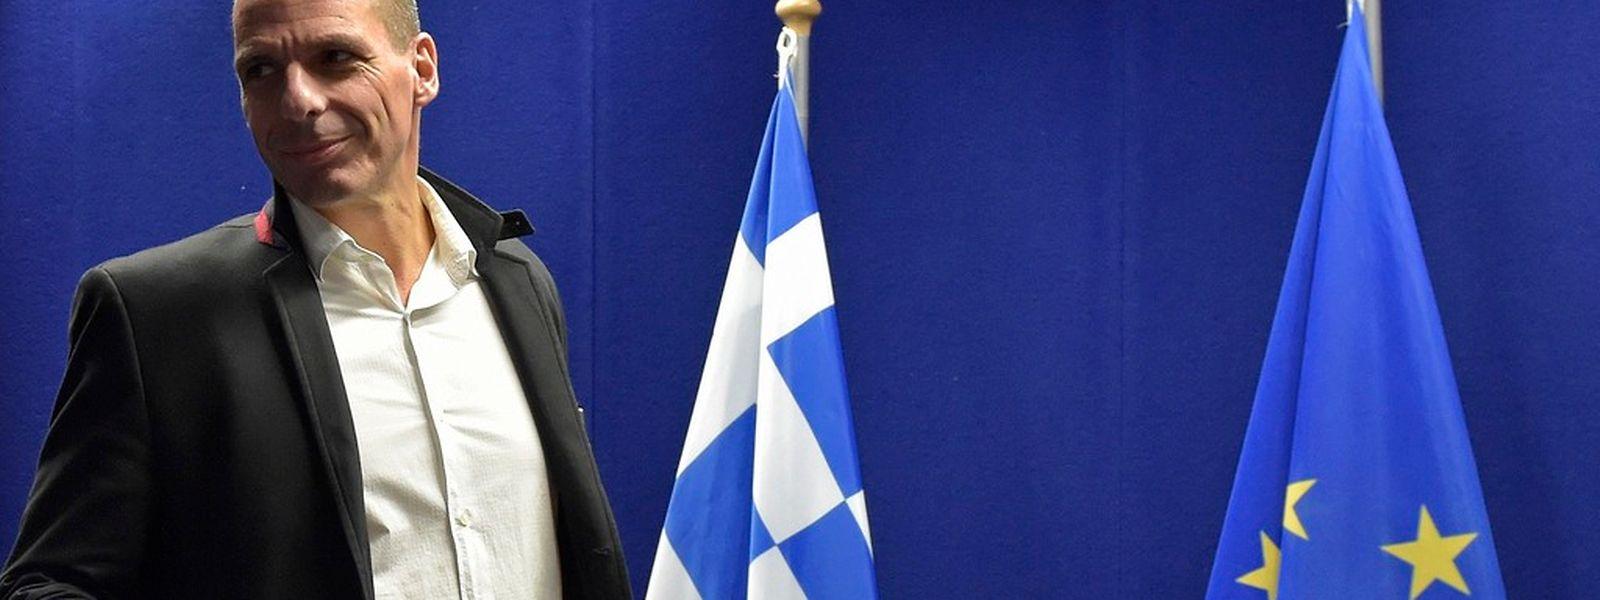 Der griechische Finanzminister hat übers Wochenende noch viel Arbeit vor sich.